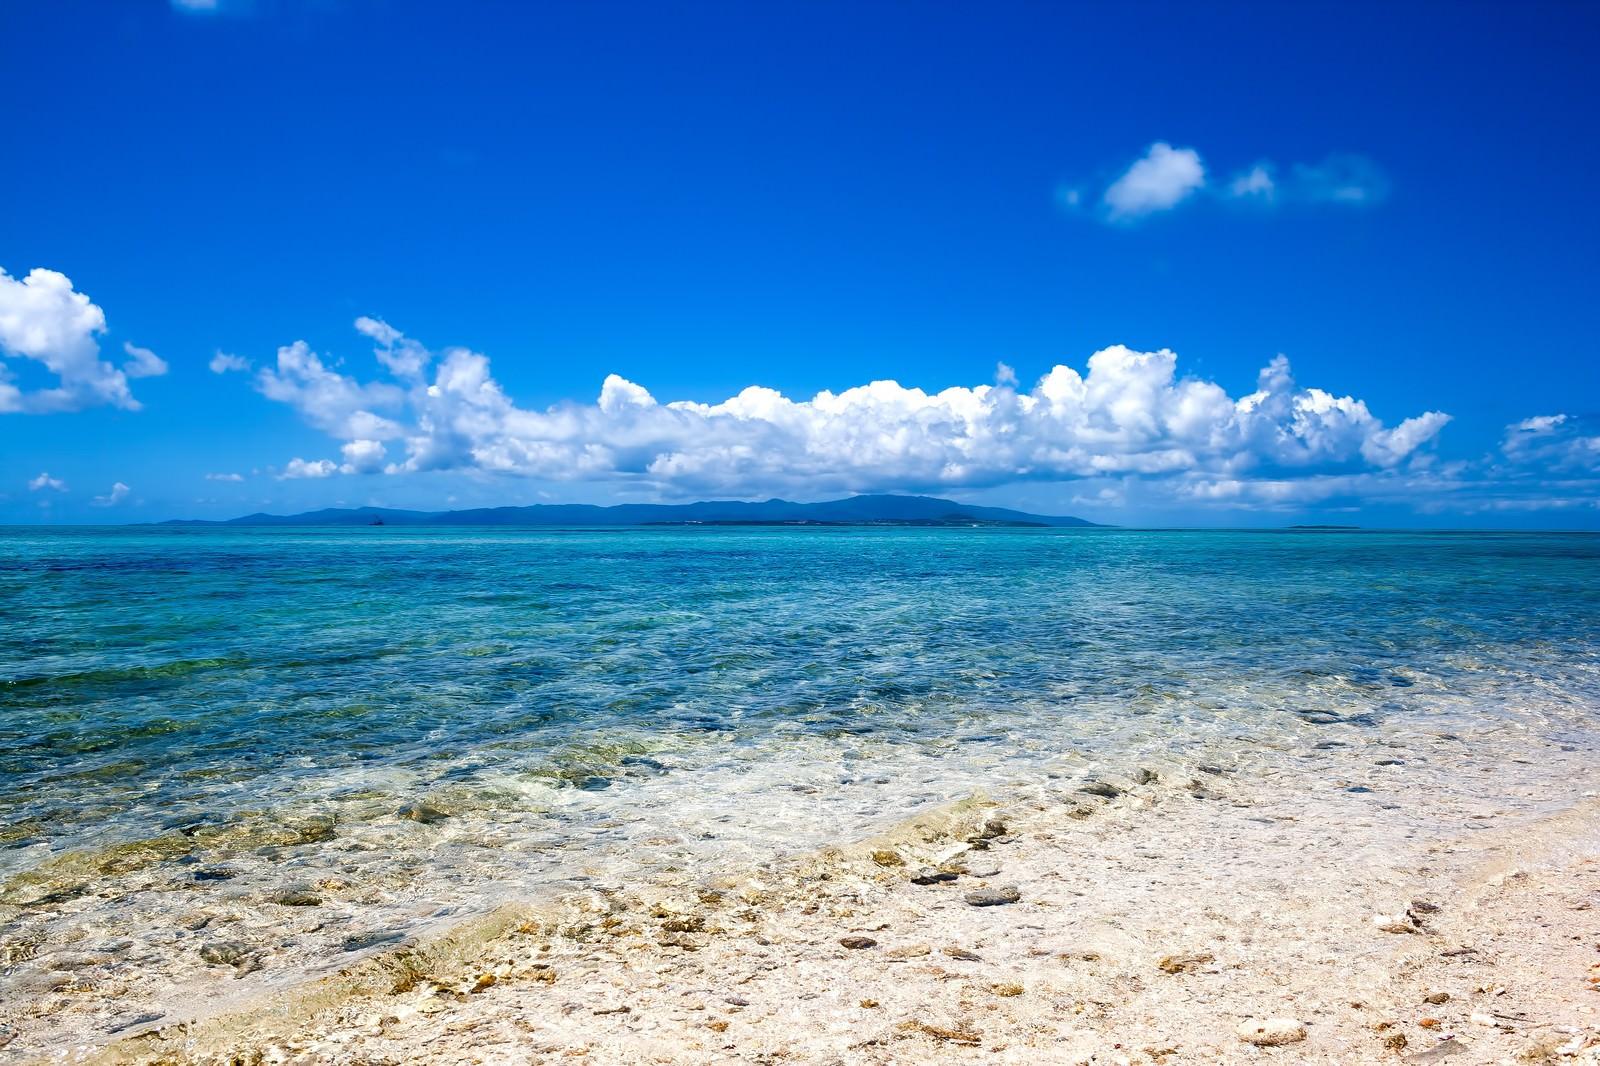 南国の透き通る海 無料の写真素材はフリー素材のぱくたそ